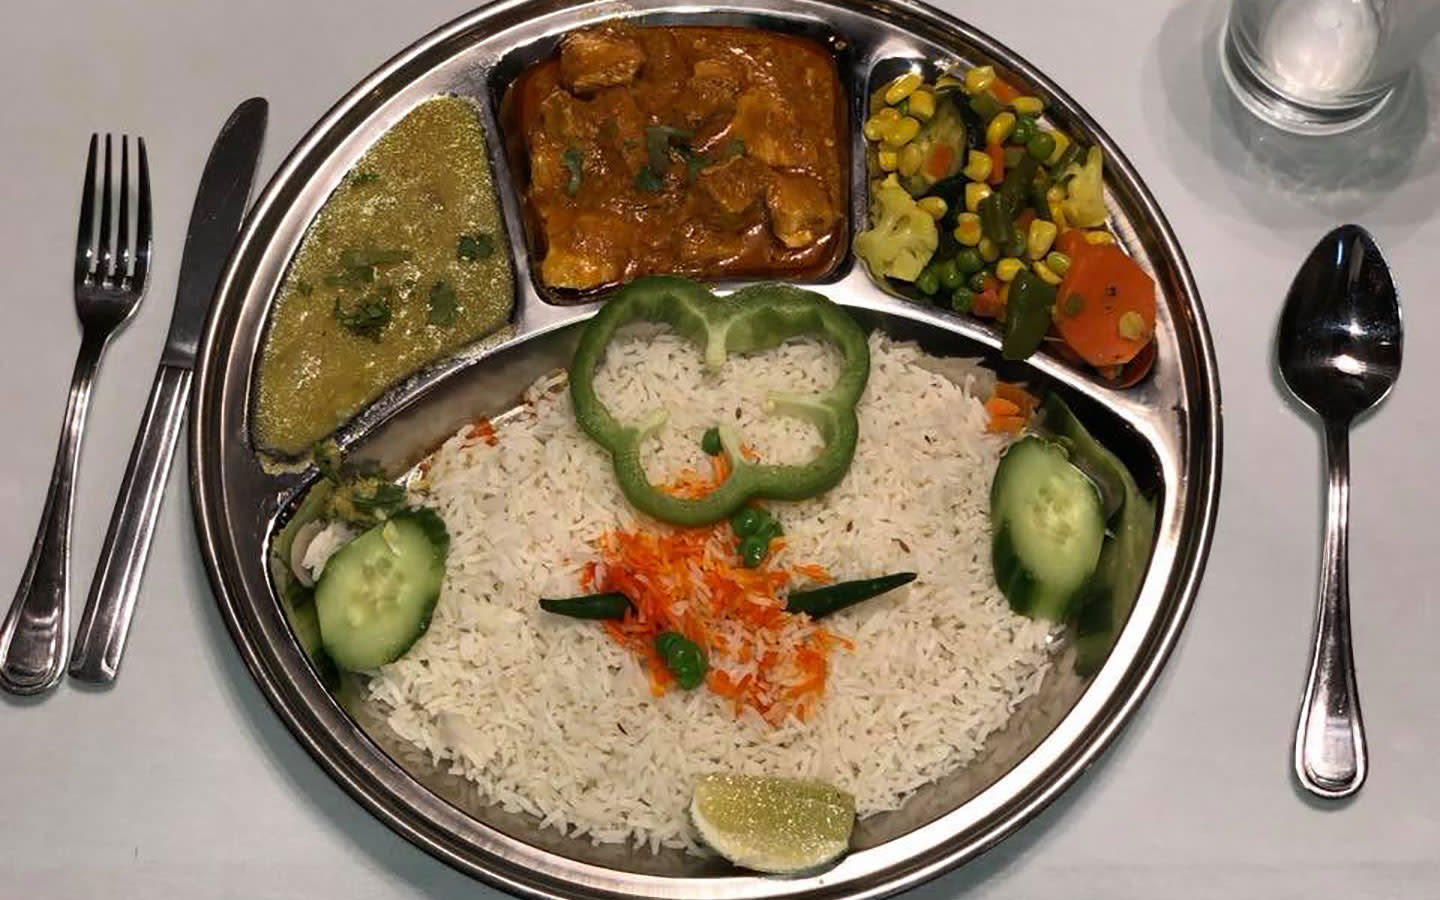 Taj Mahal Bengal Indian Cuisine